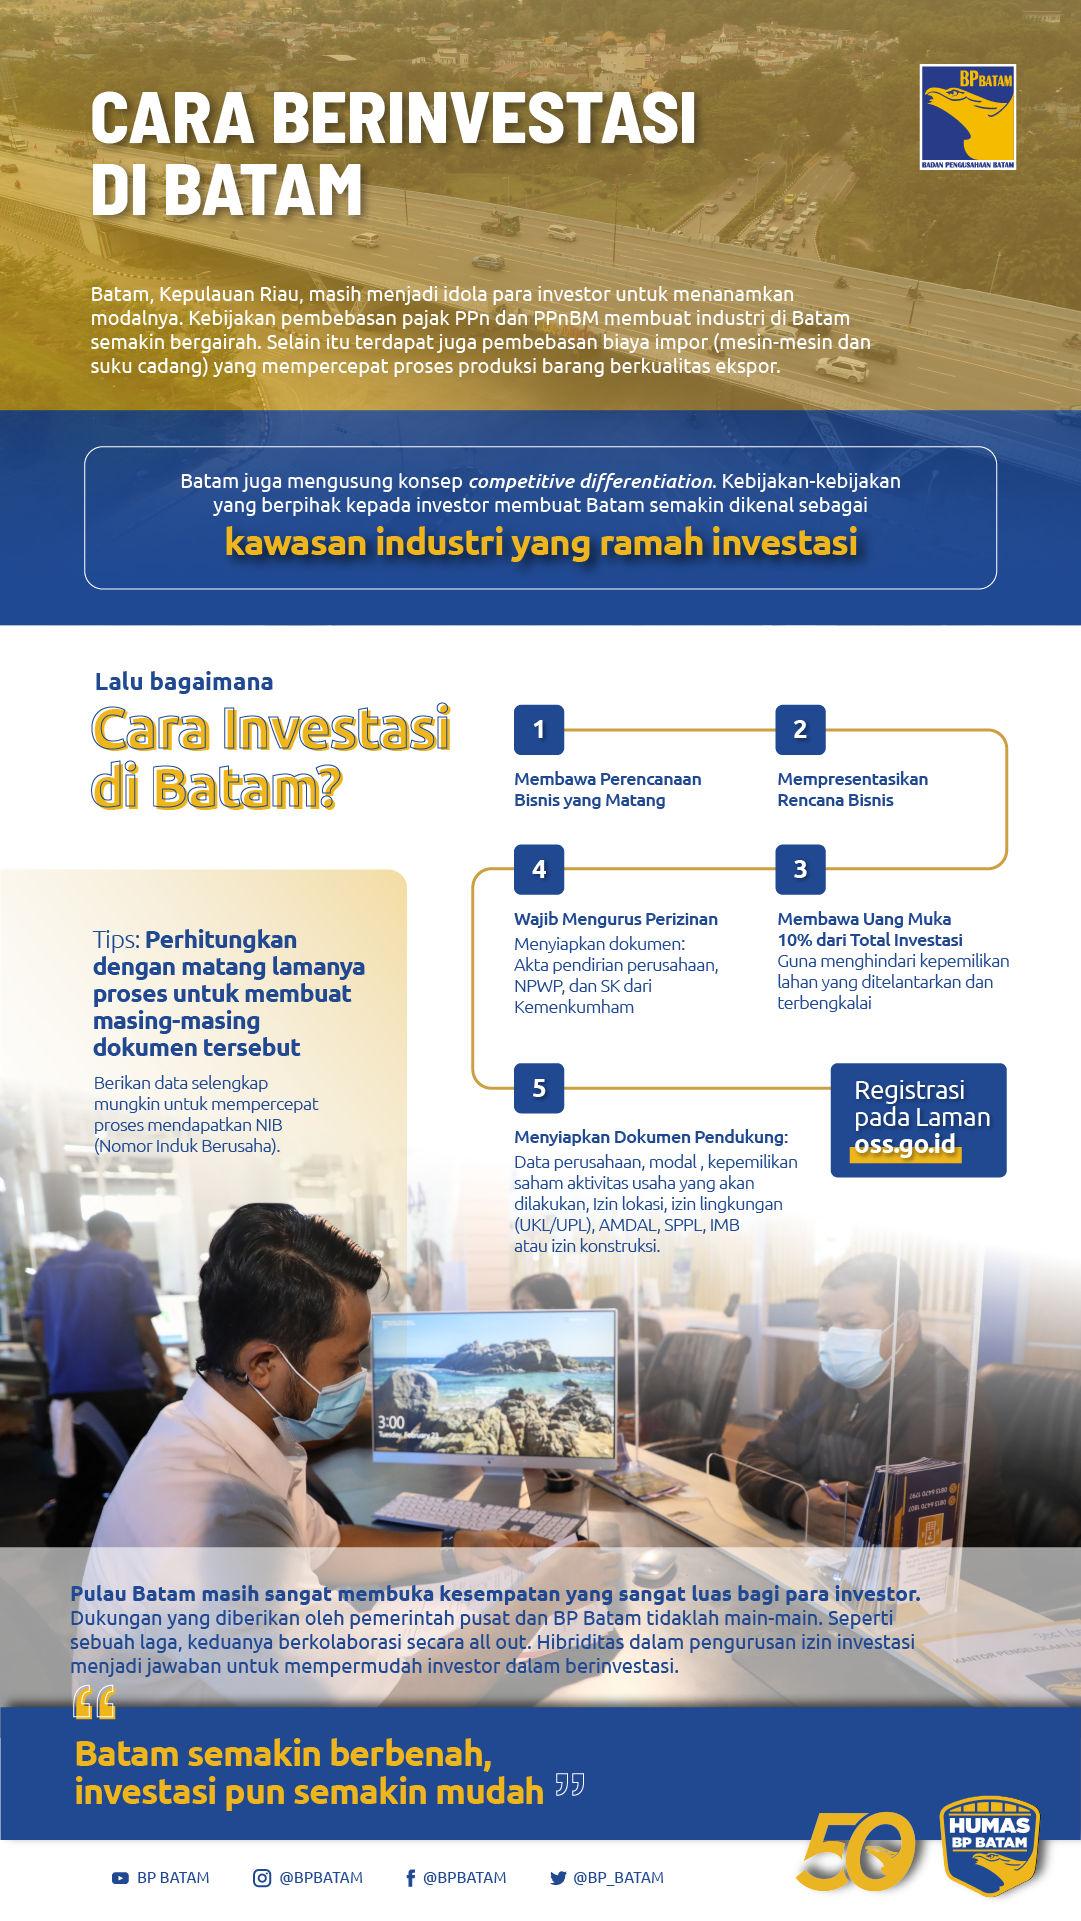 Cara Investasi di Batam, Syarat dan Dokumen Pendukungnya